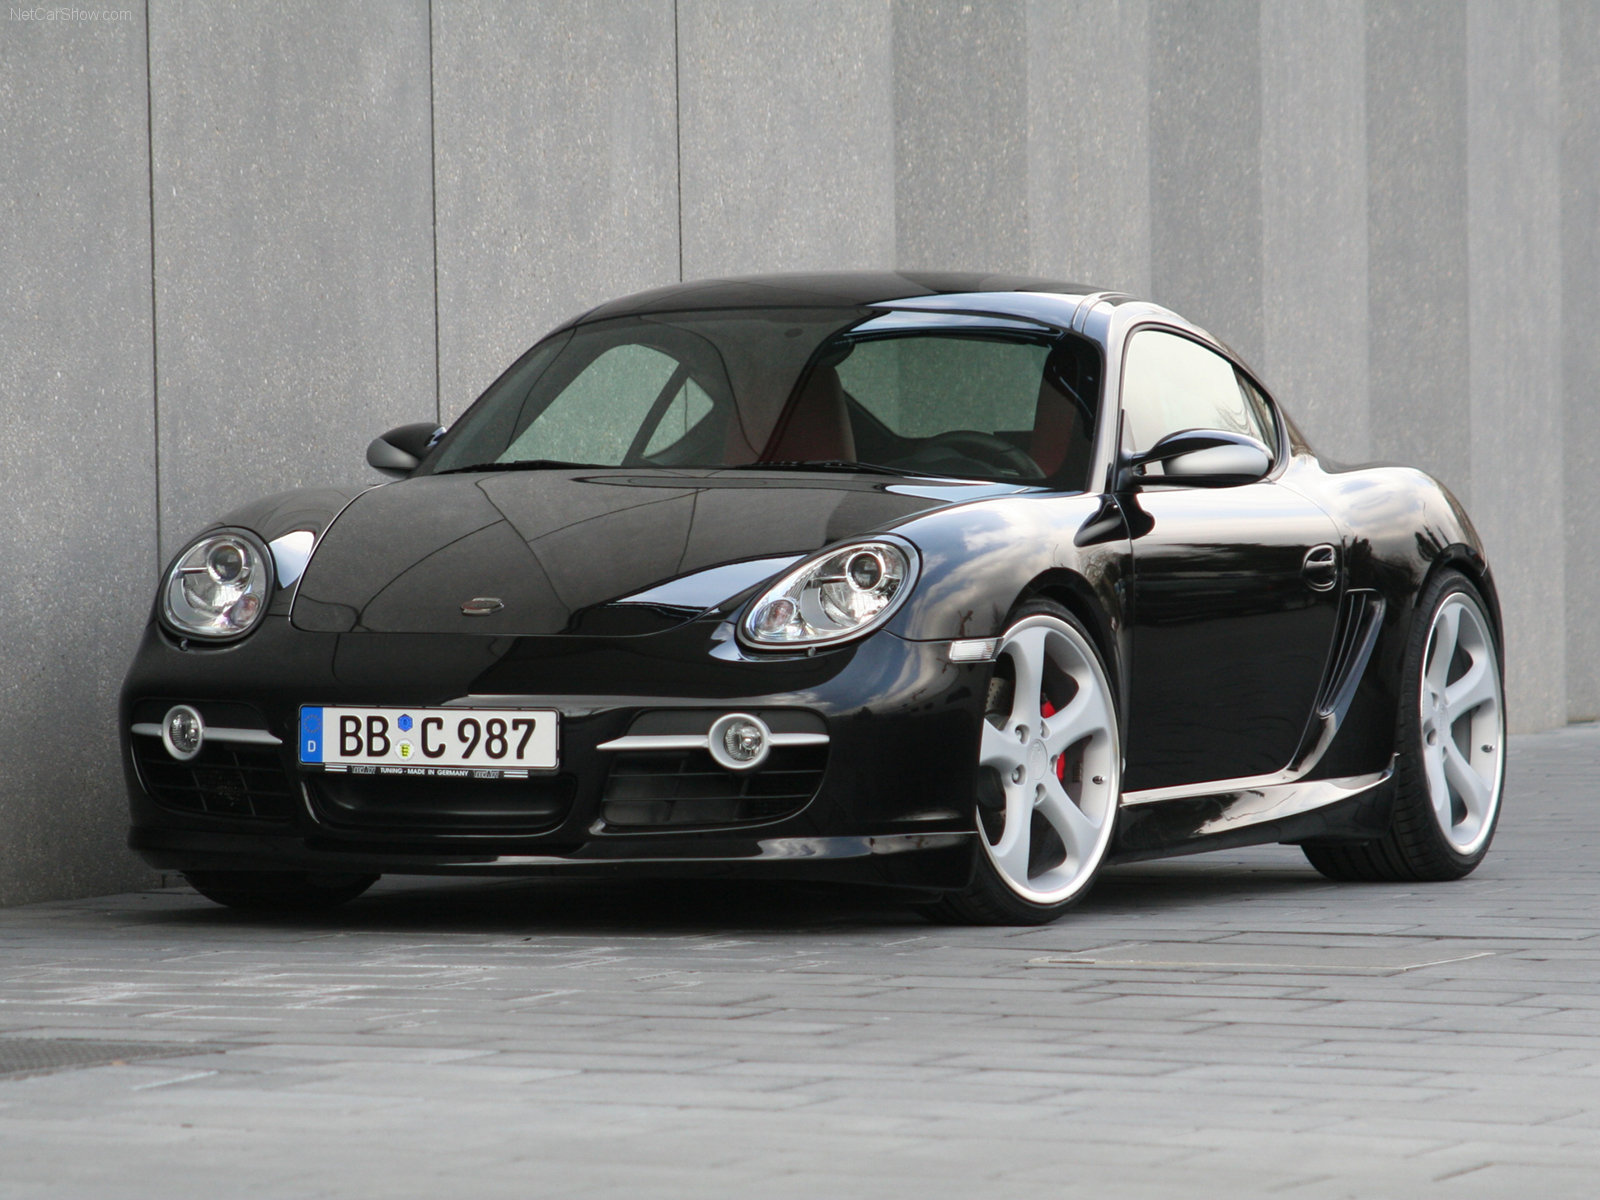 Hình ảnh xe ô tô TechArt Porsche Cayman S 2006 & nội ngoại thất